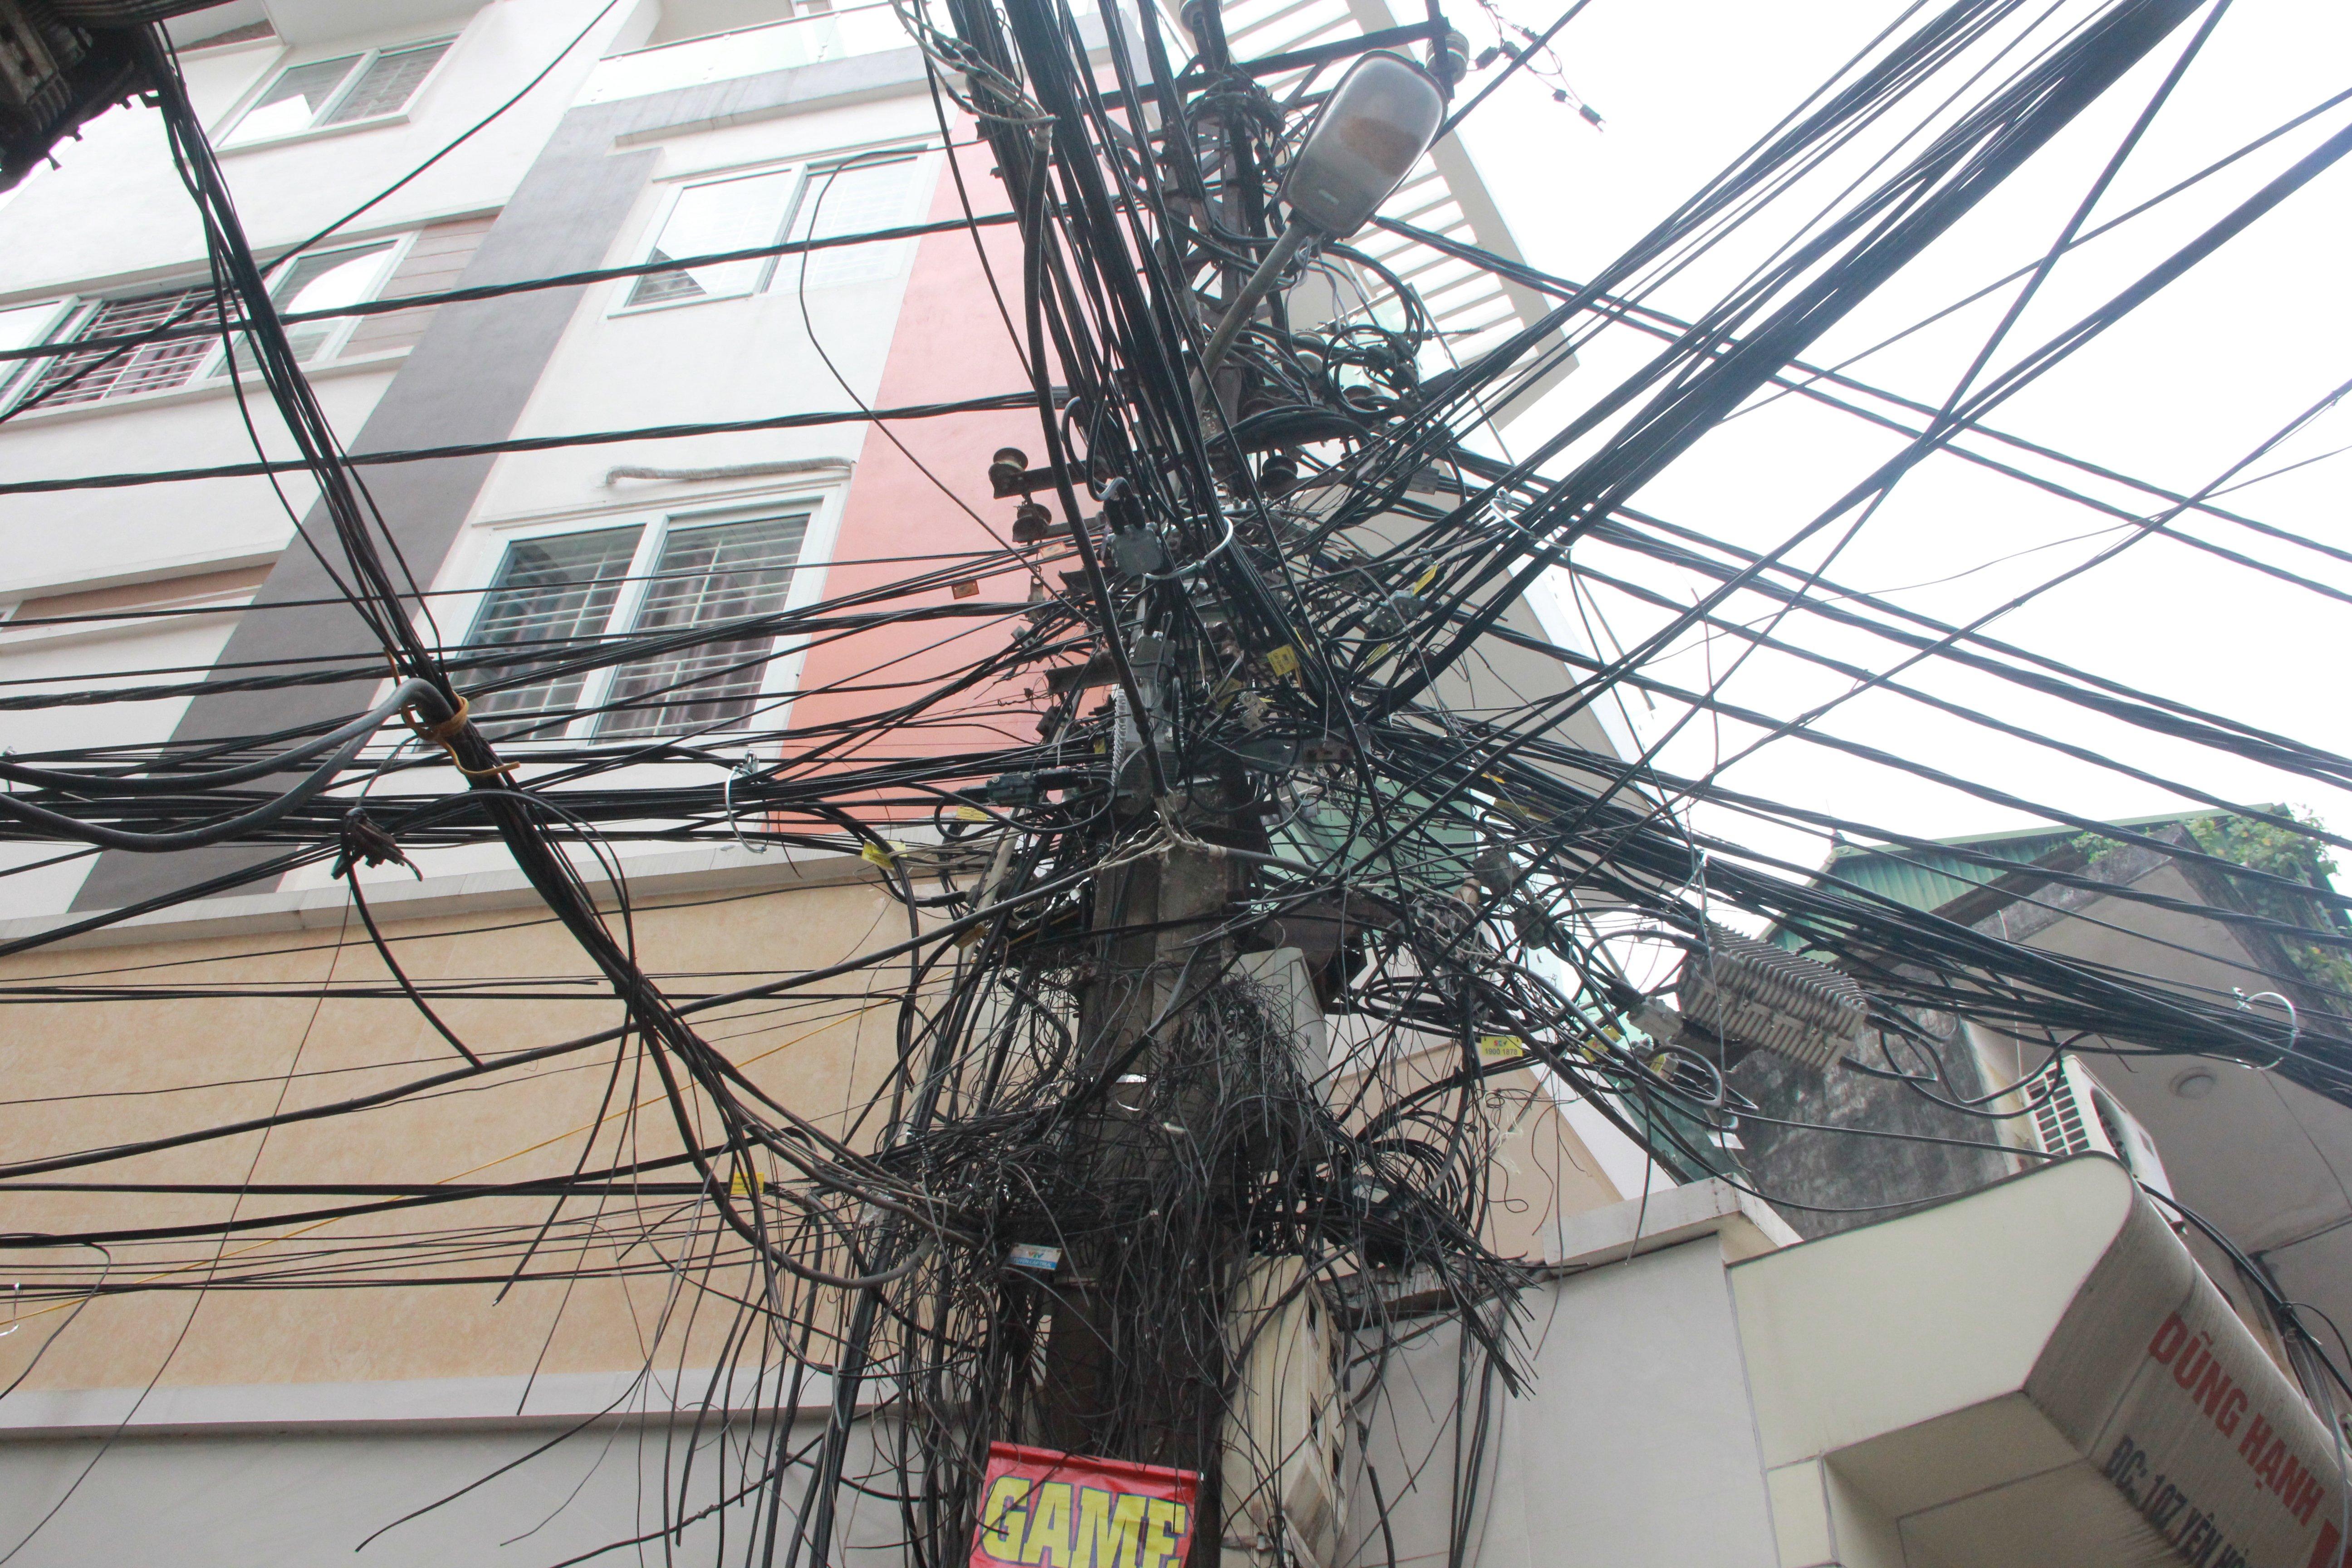 Hình ảnh Cận cảnh dọn ổ mạng nhện khổng lồ ở Hà Nội số 6